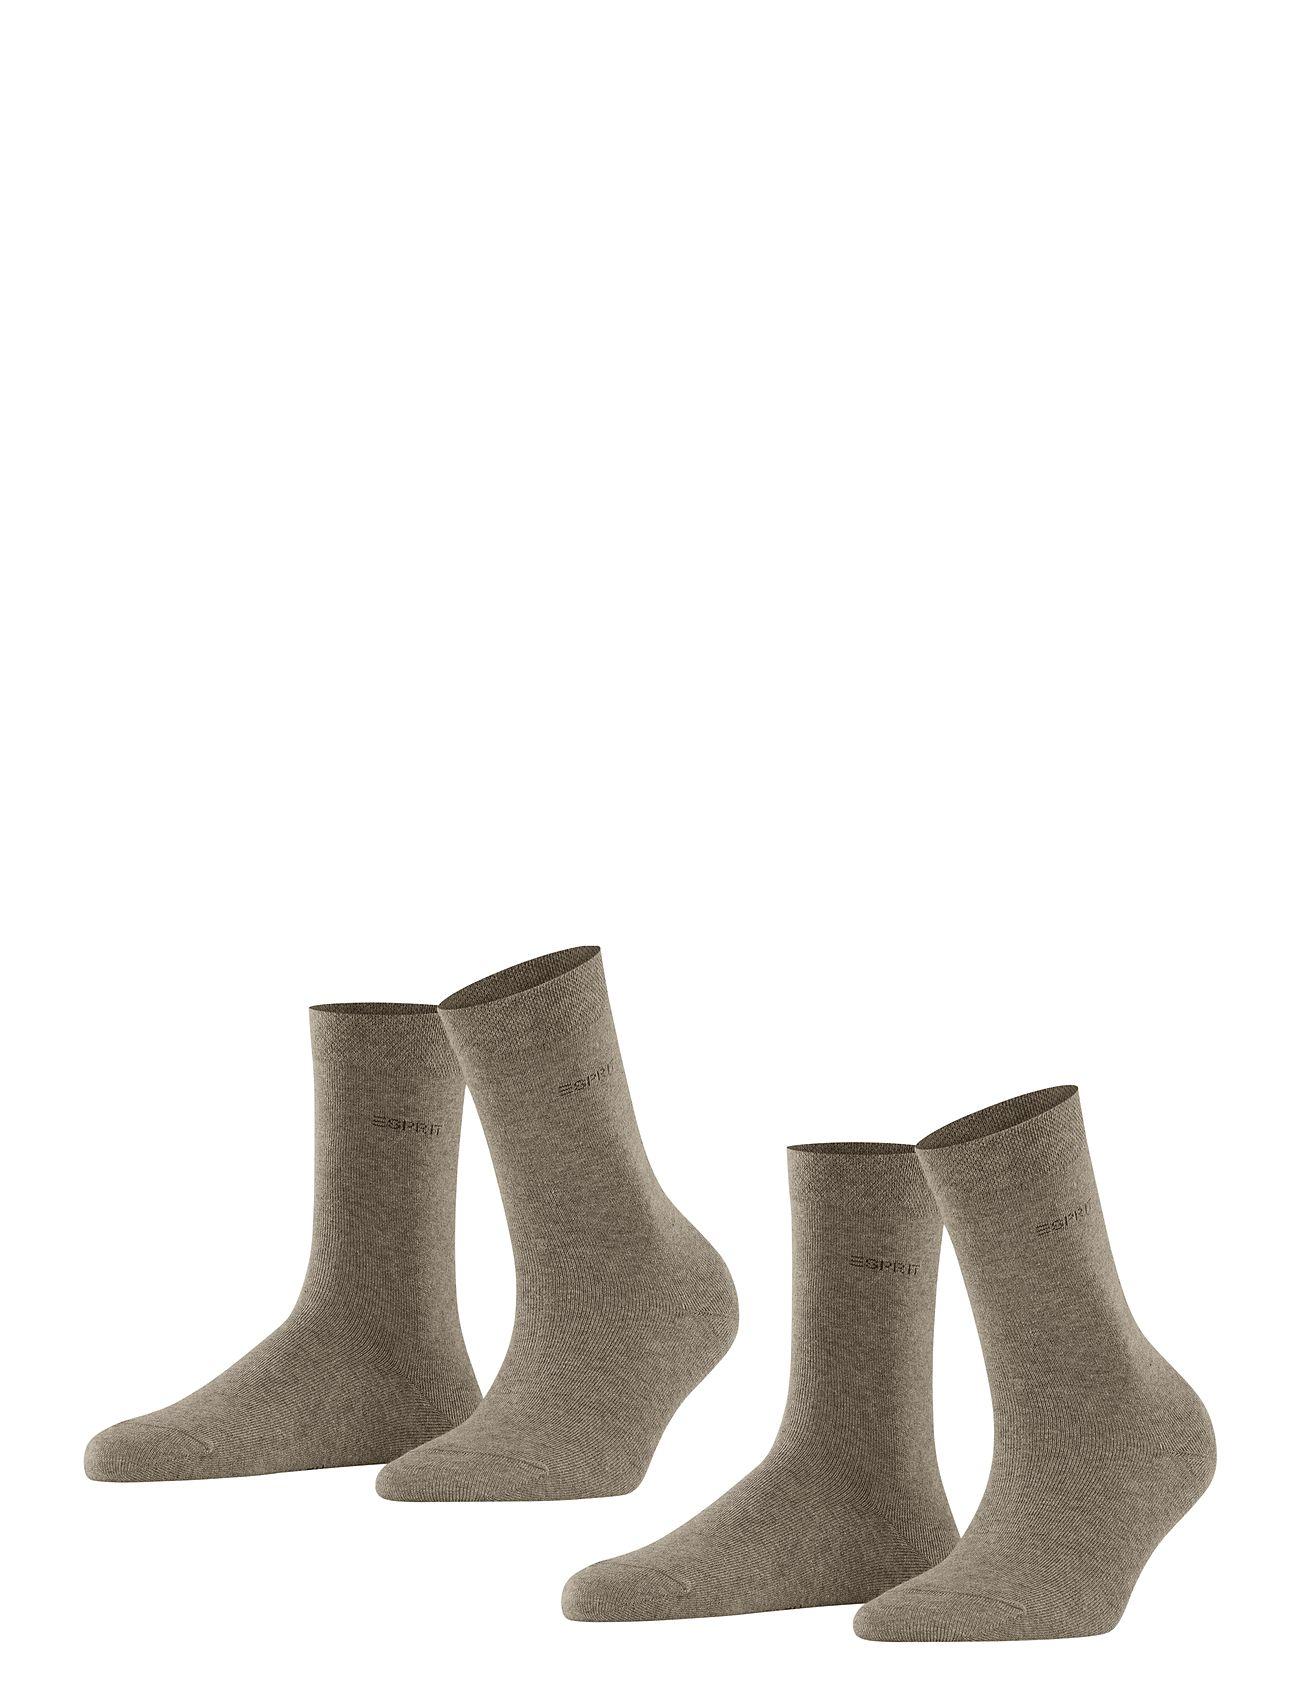 Image of Basic Easy So2p Underwear Socks Regular Socks Brun Esprit Socks (3083735361)